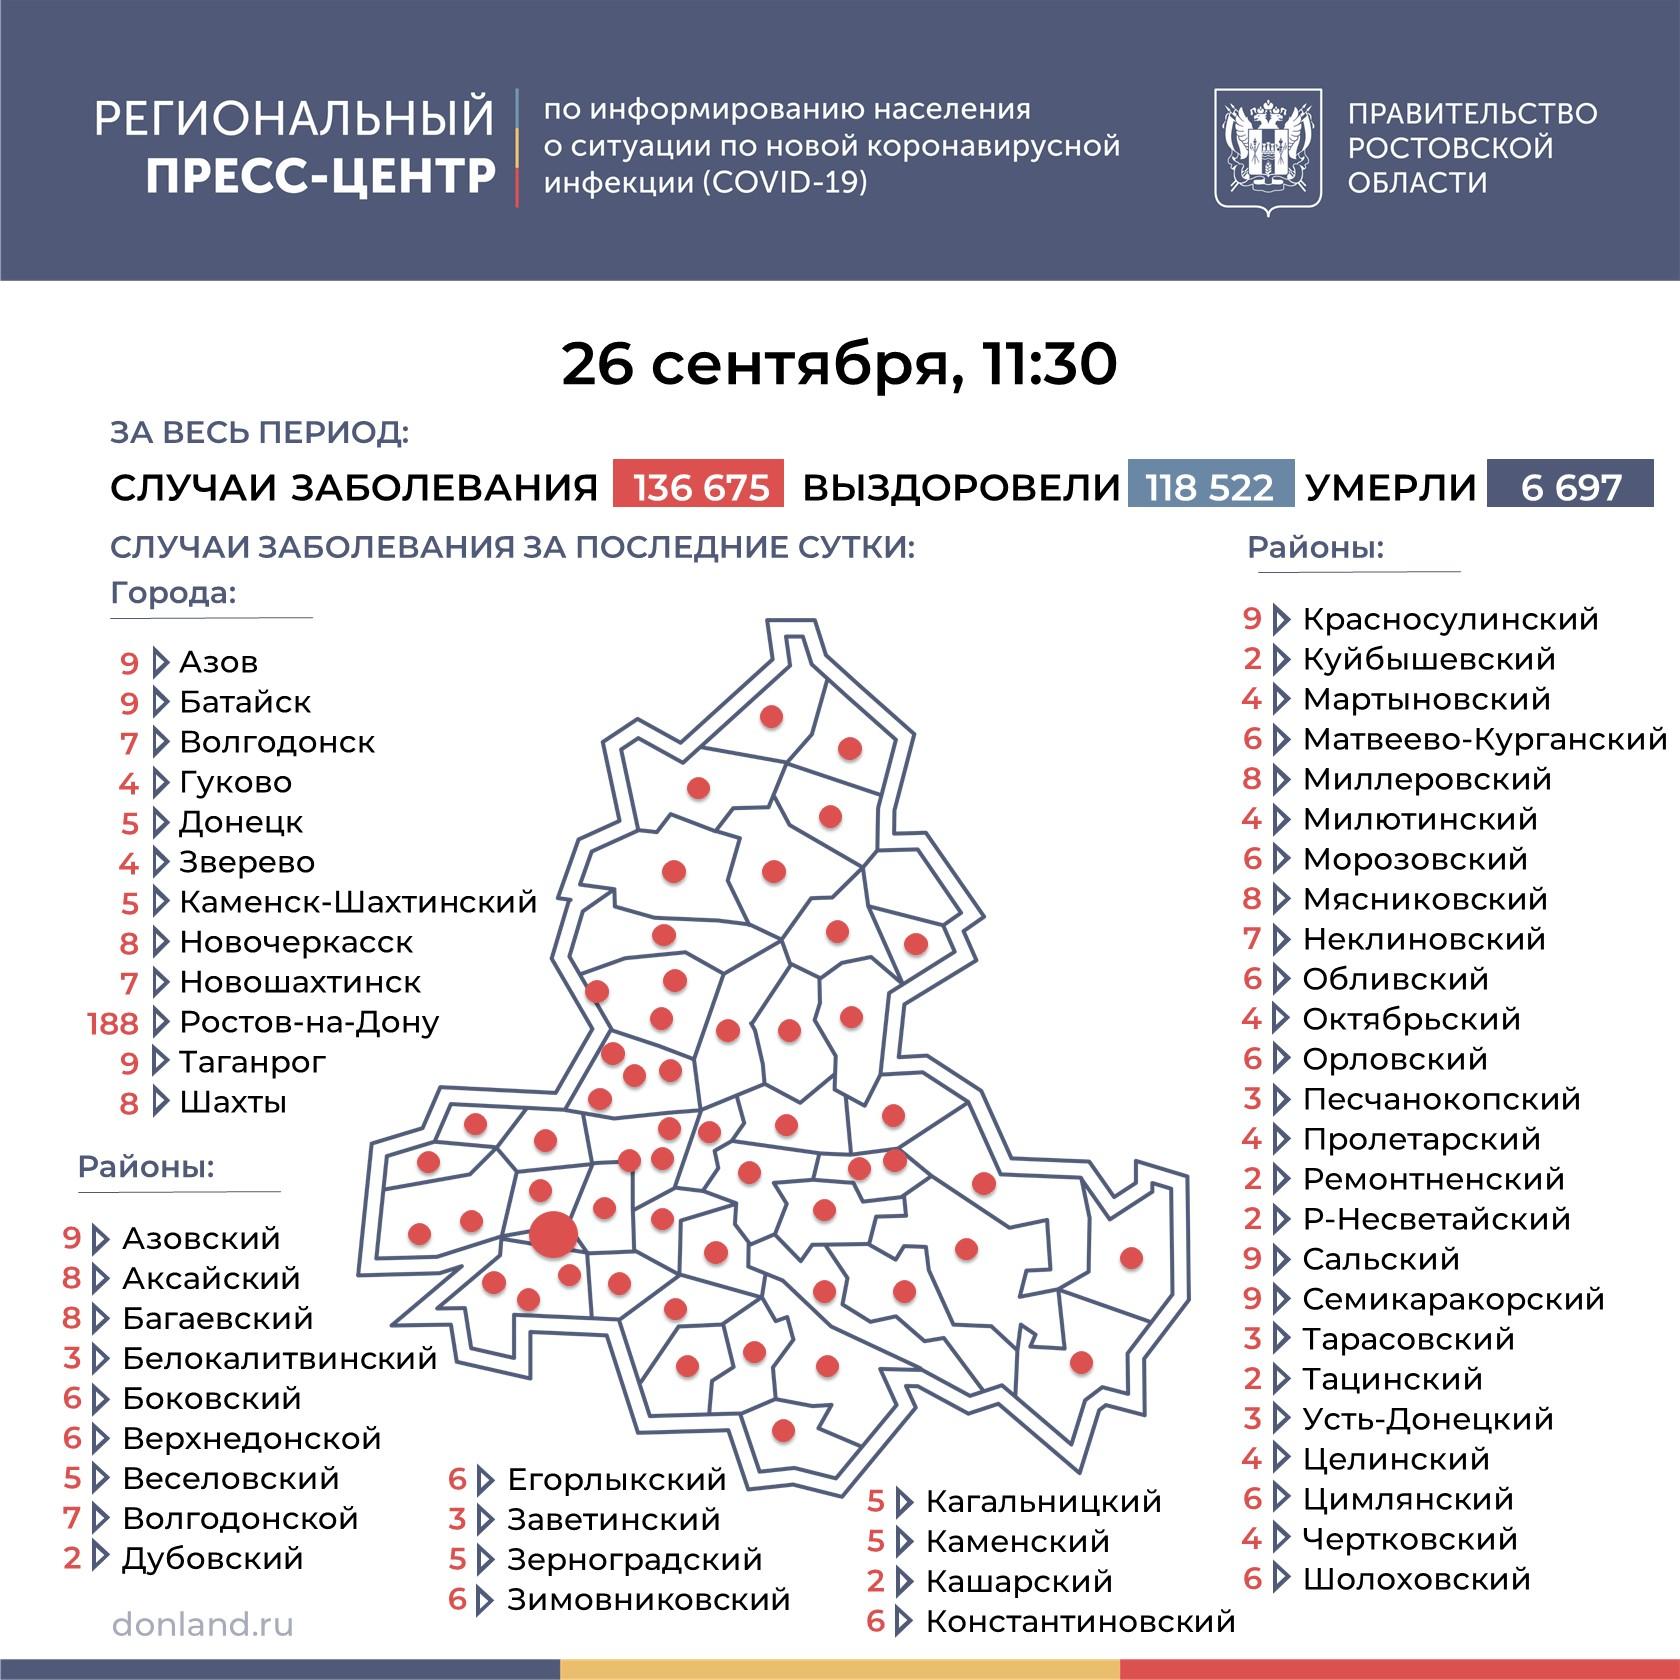 Коронавирус: в Таганроге снова 9 заболевших